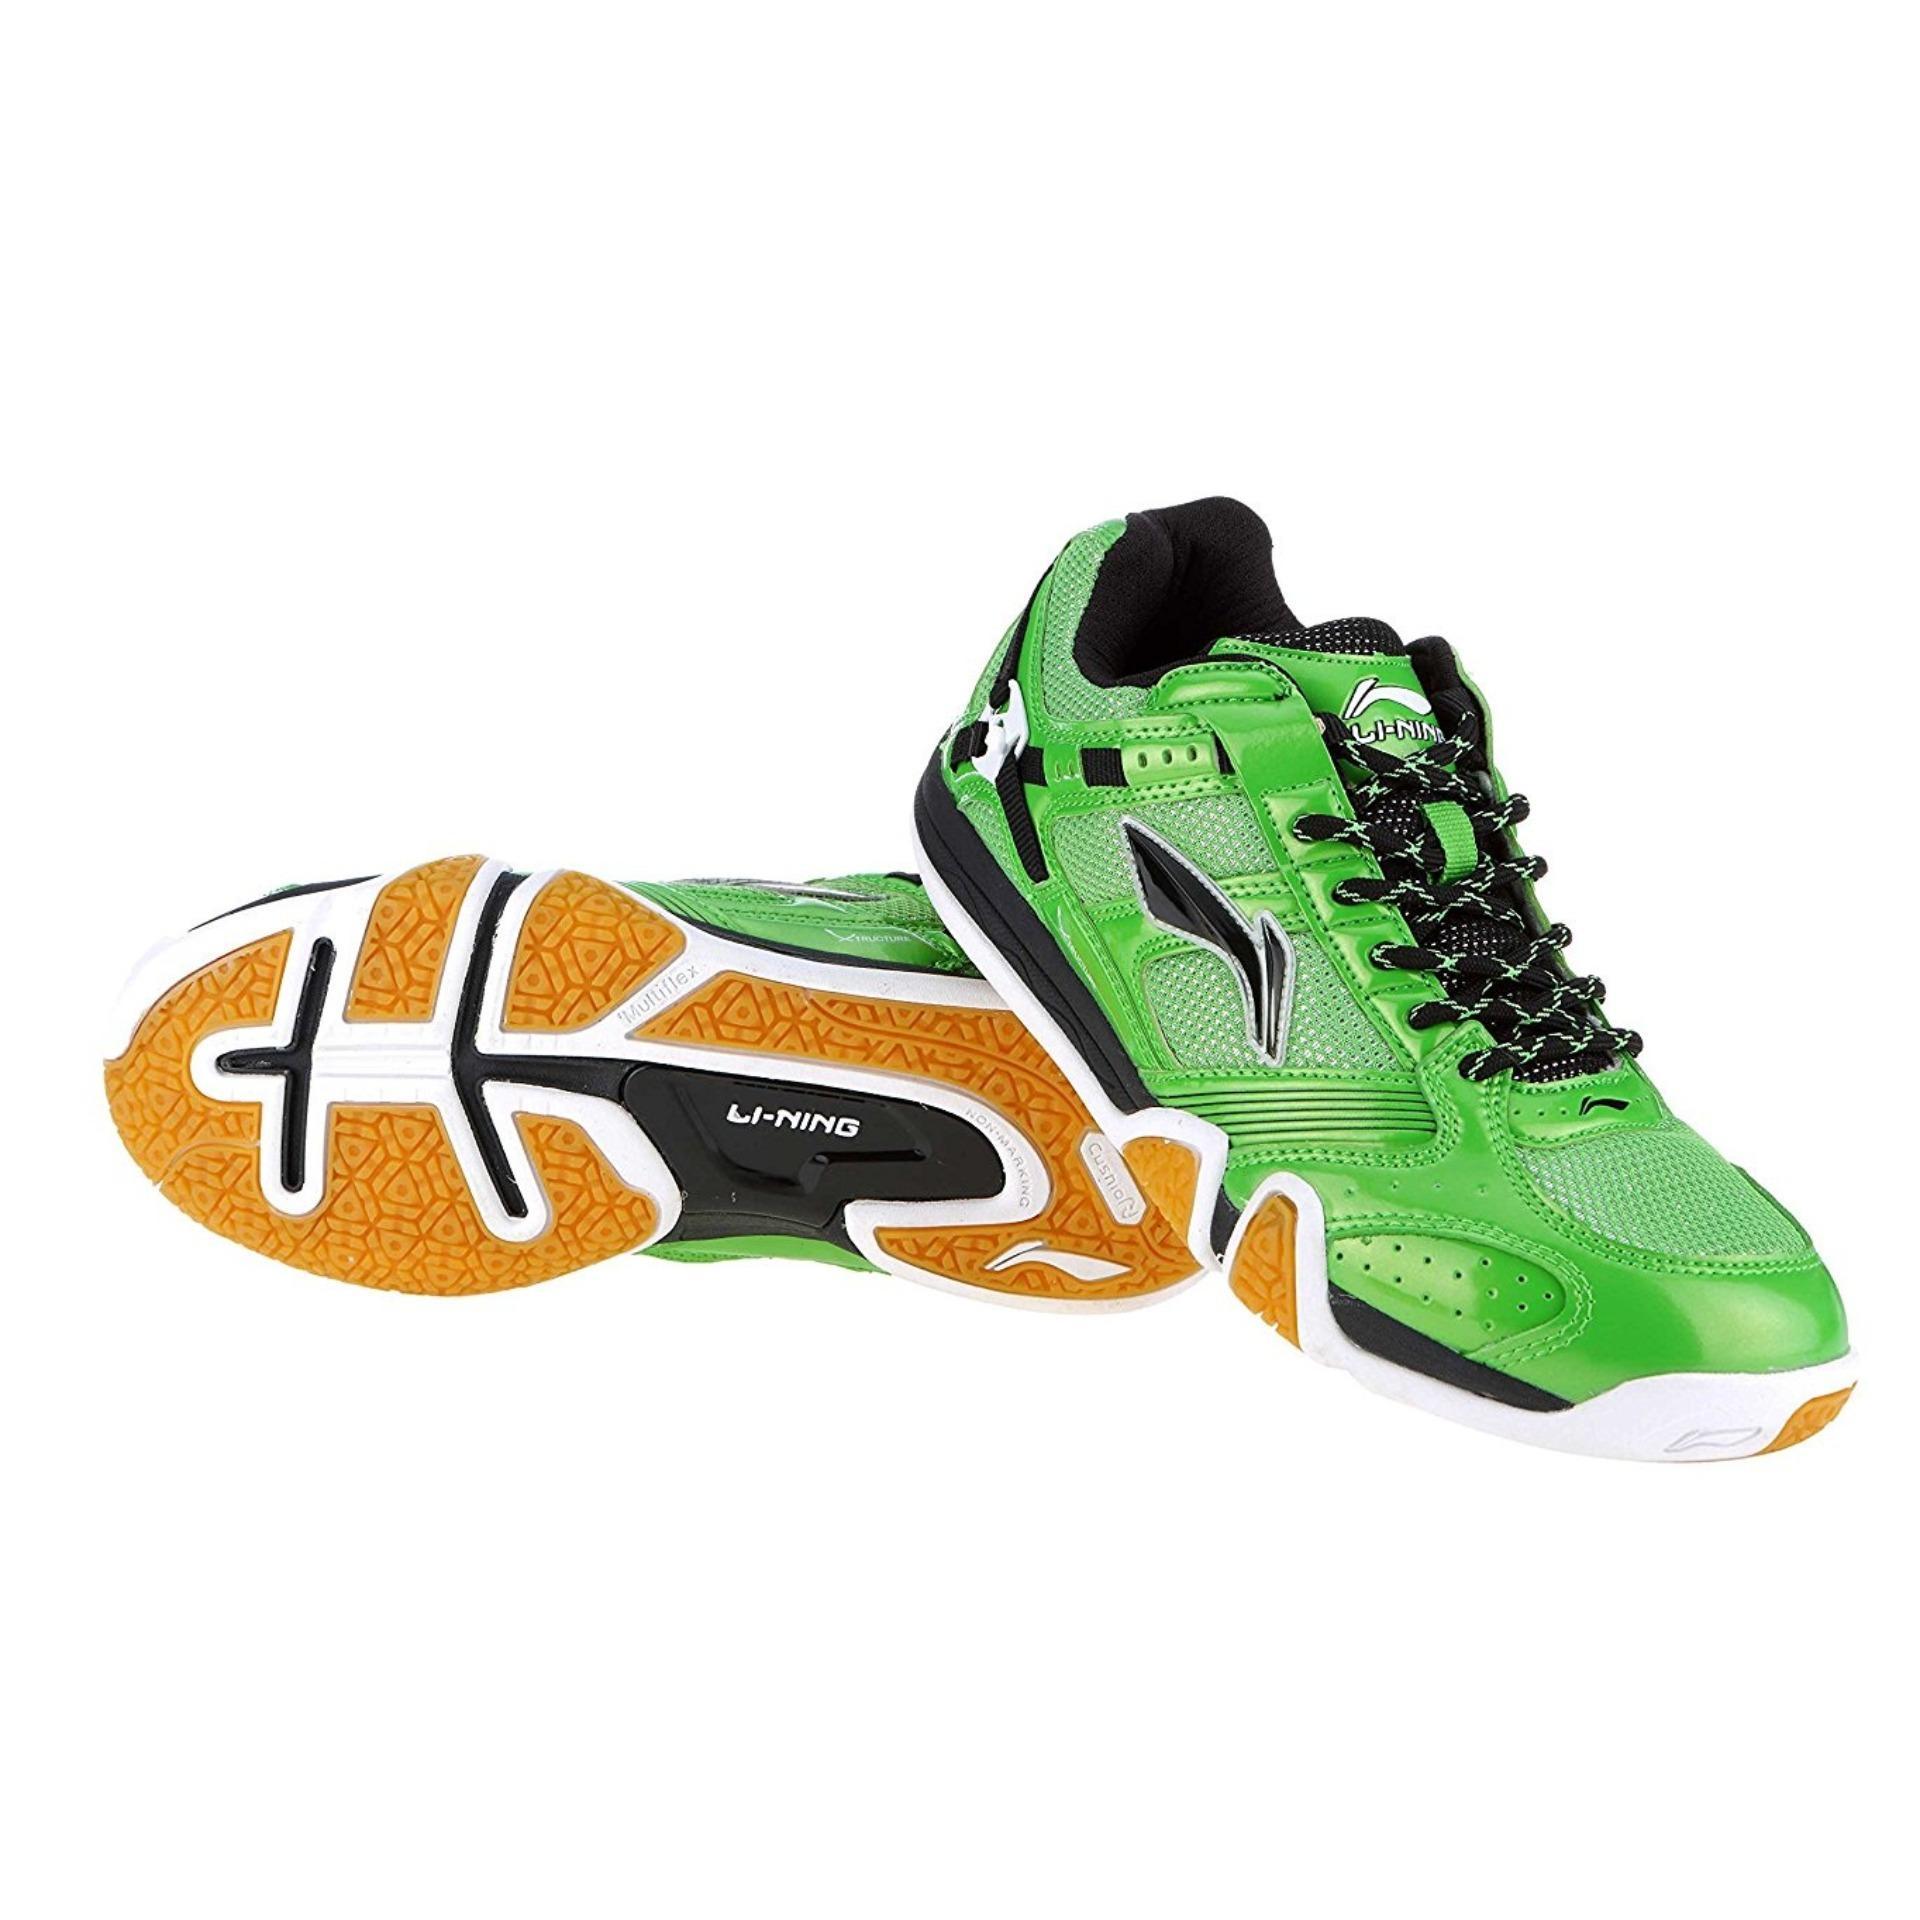 Cara Beli Sepatu Li Ning Saga Shine Aytk069 Badminton Shoes Murah Diskon Obral Sale Jual Perlengkapan Bulutangkis Adha Sport